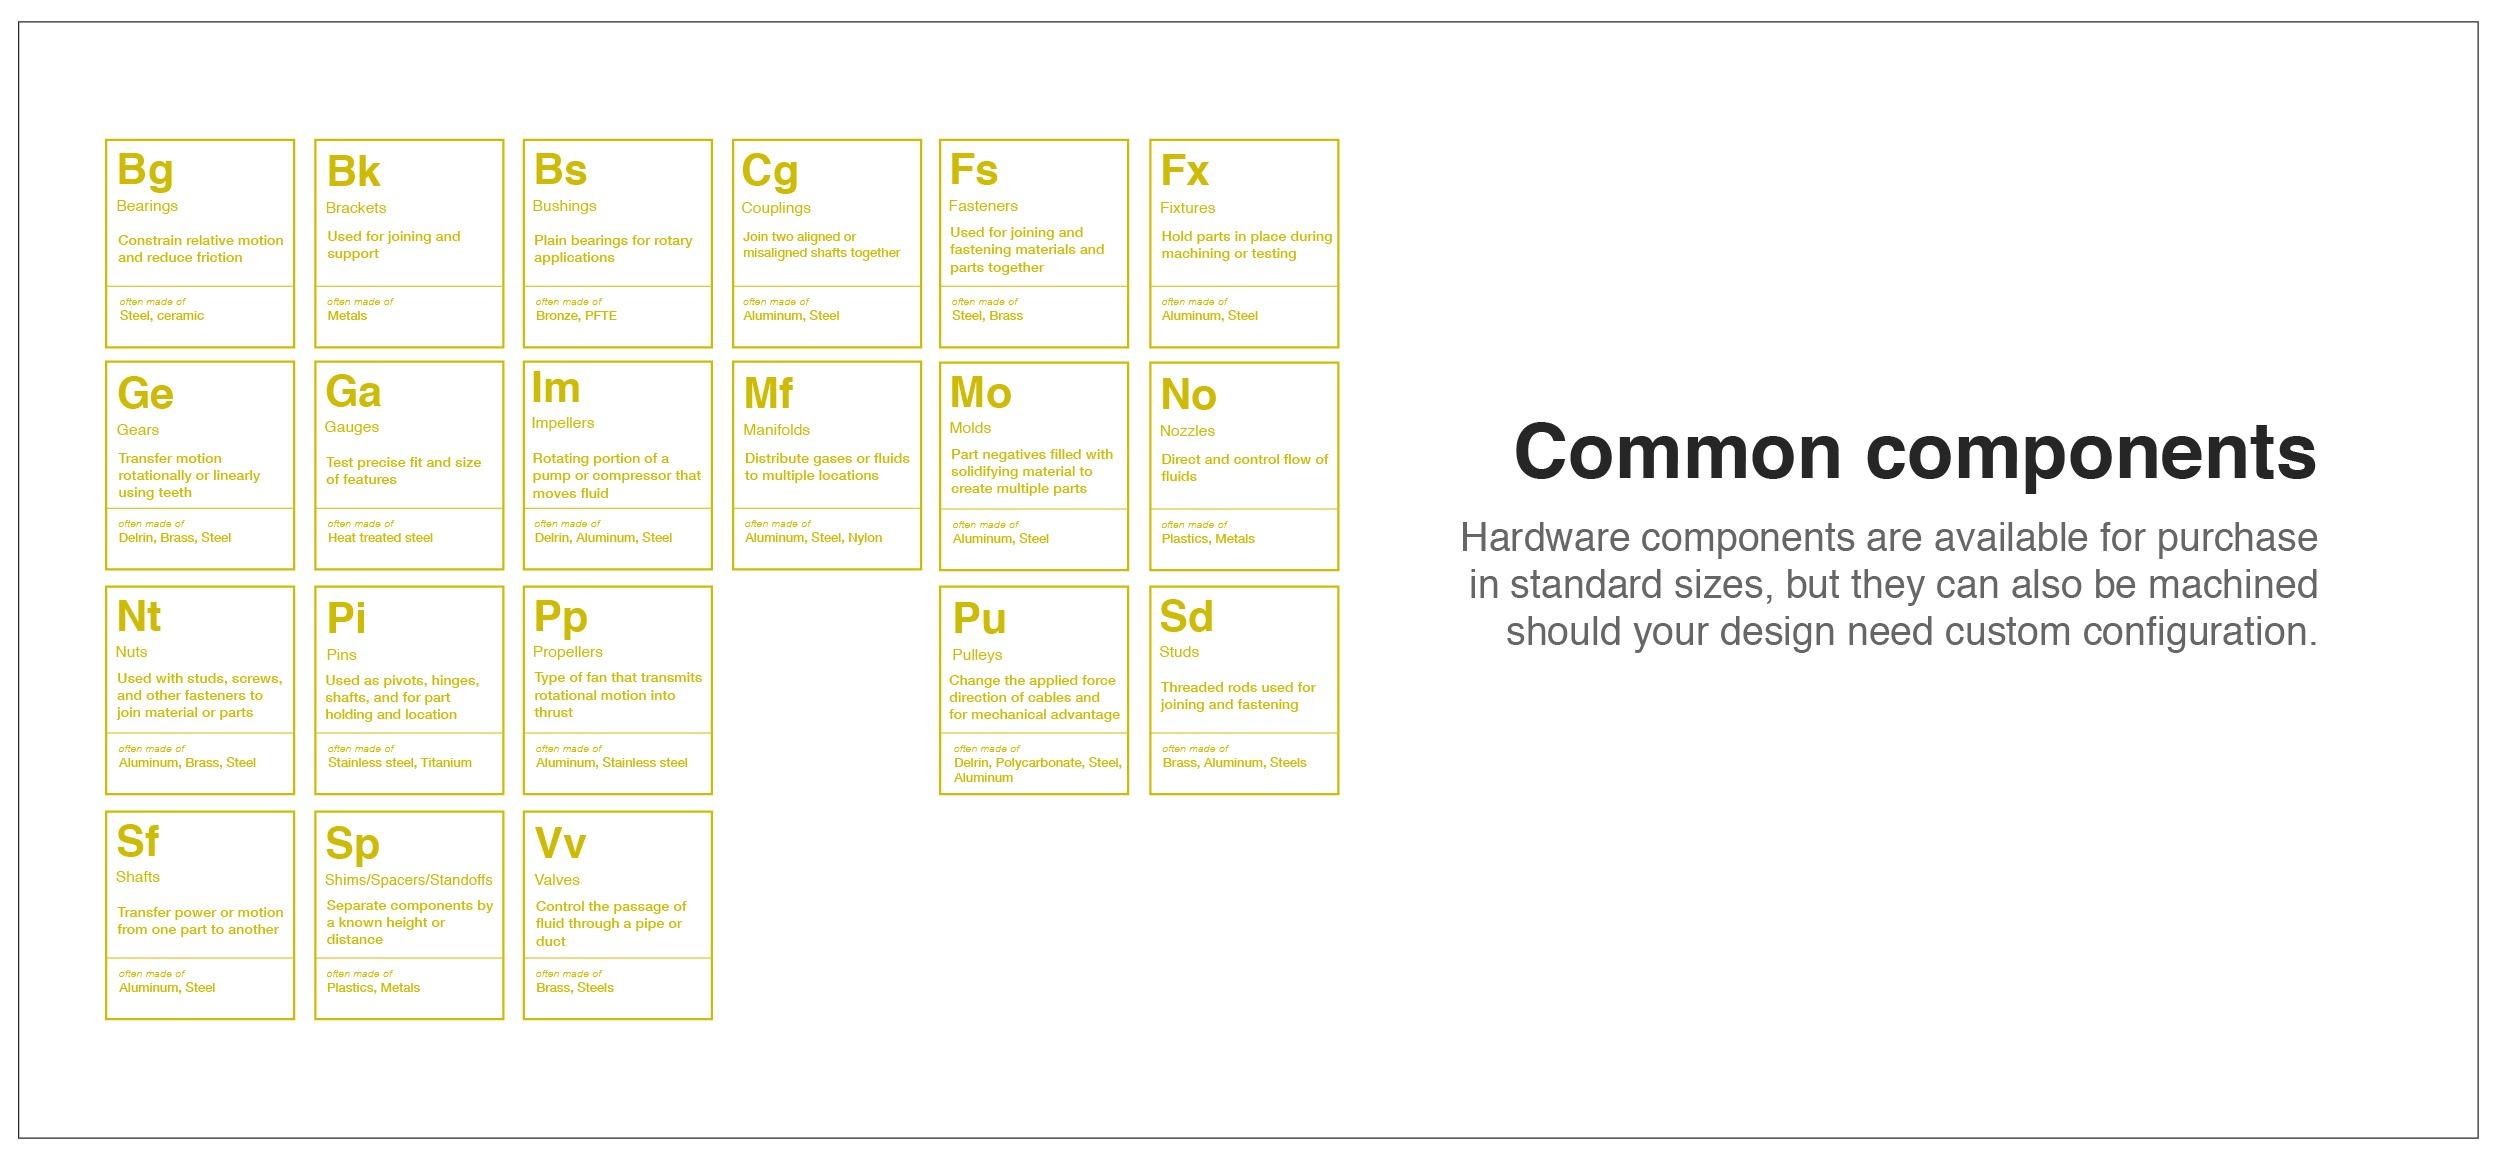 cnc-machining-components